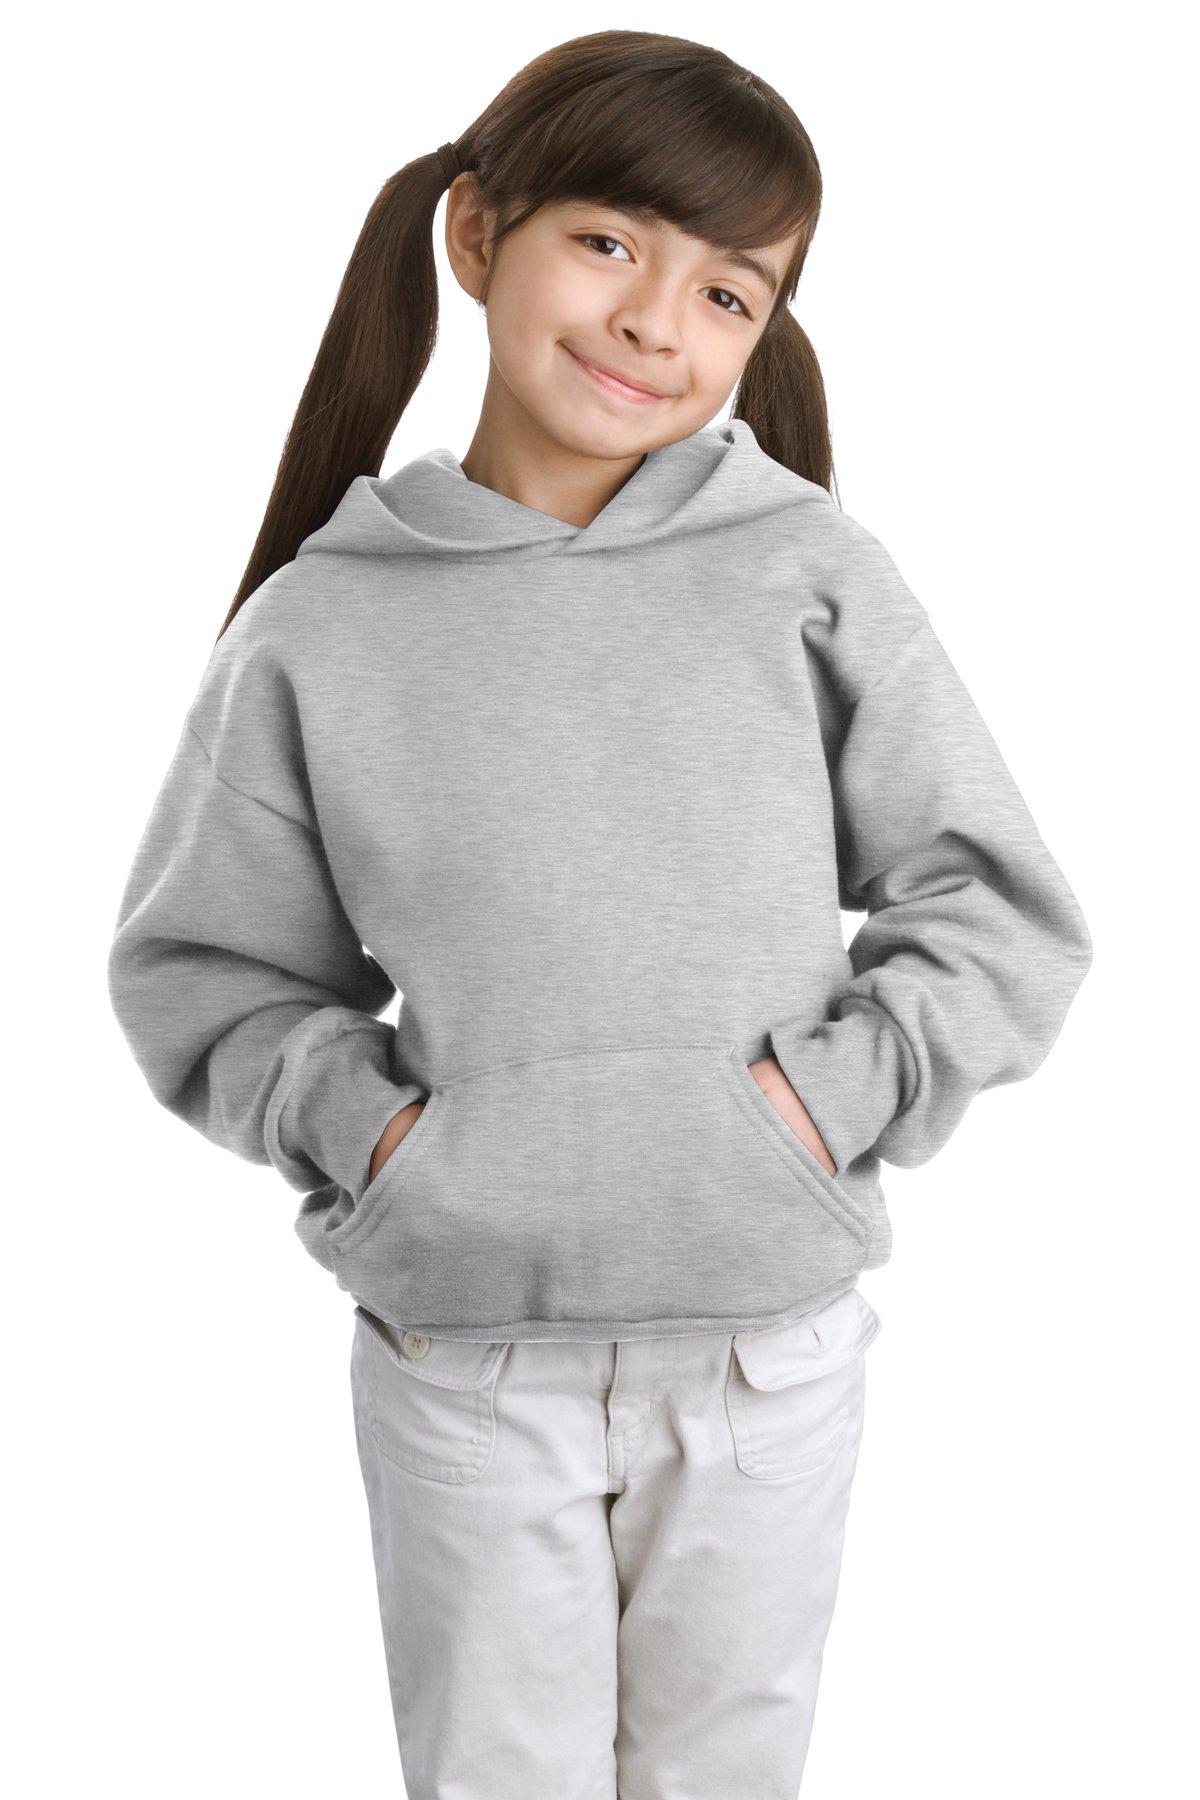 Sweatshirts-Fleece-Hooded-41